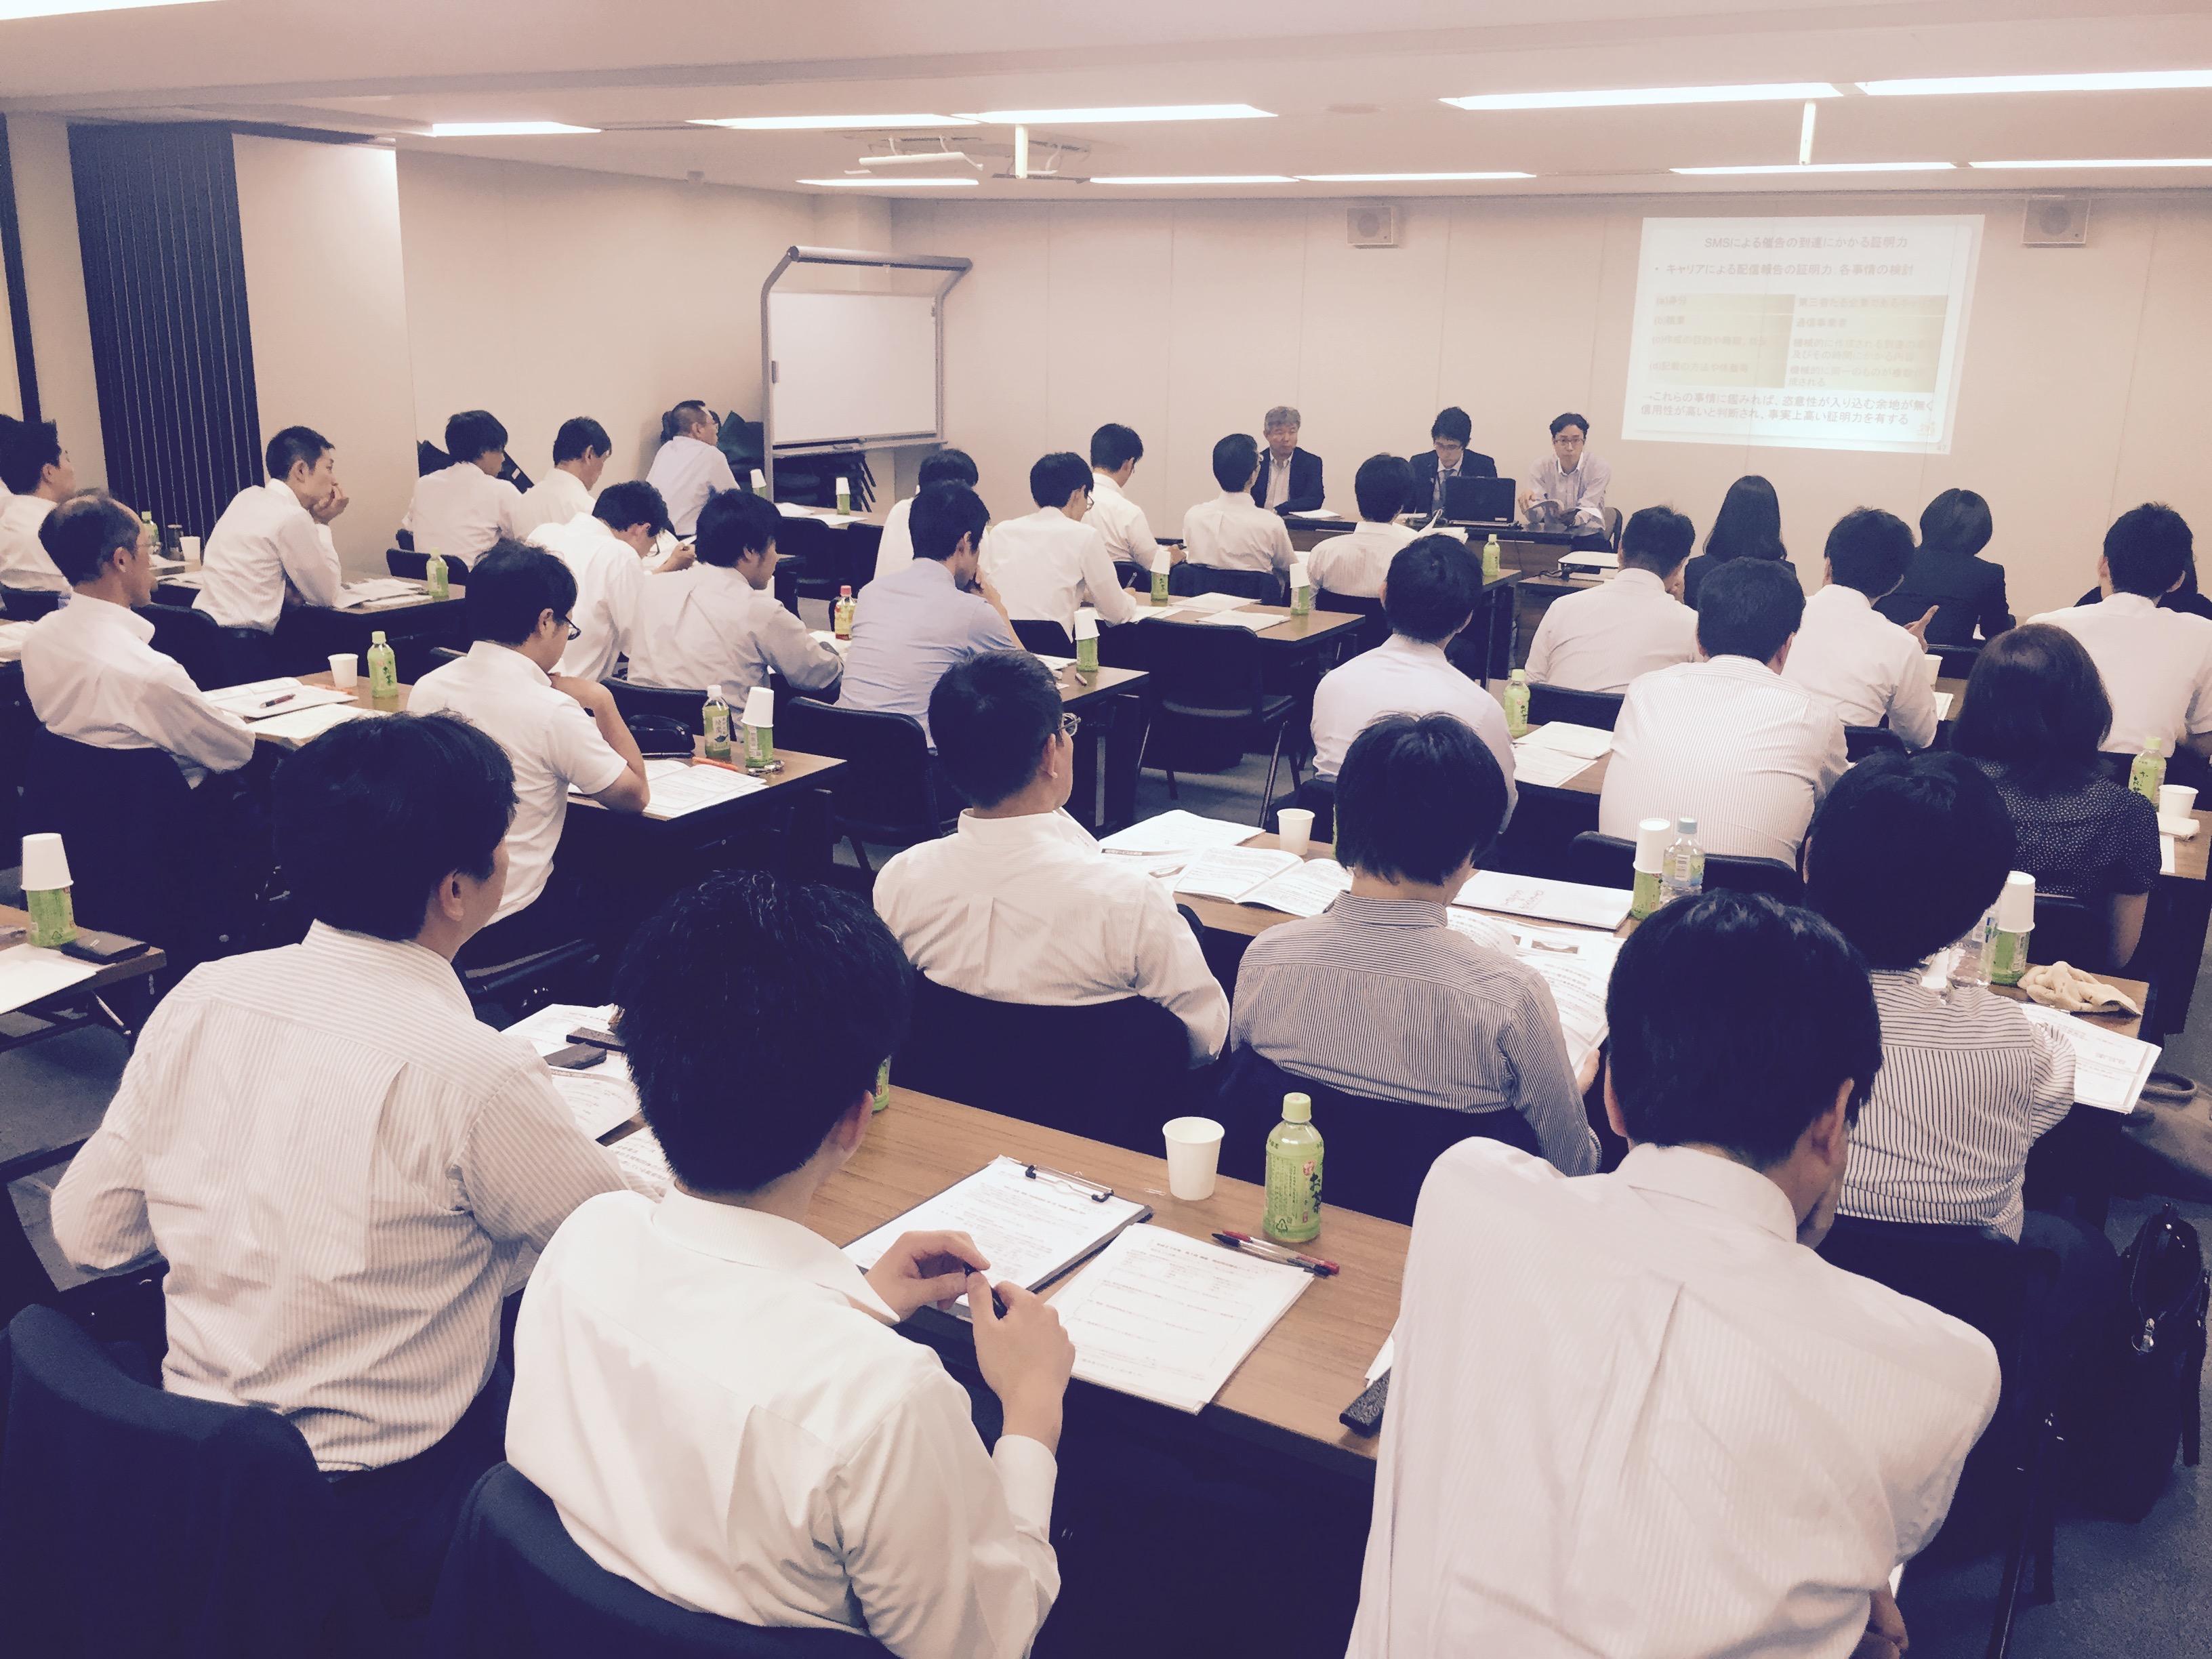 日本クレジット協会セミナー会場の様子